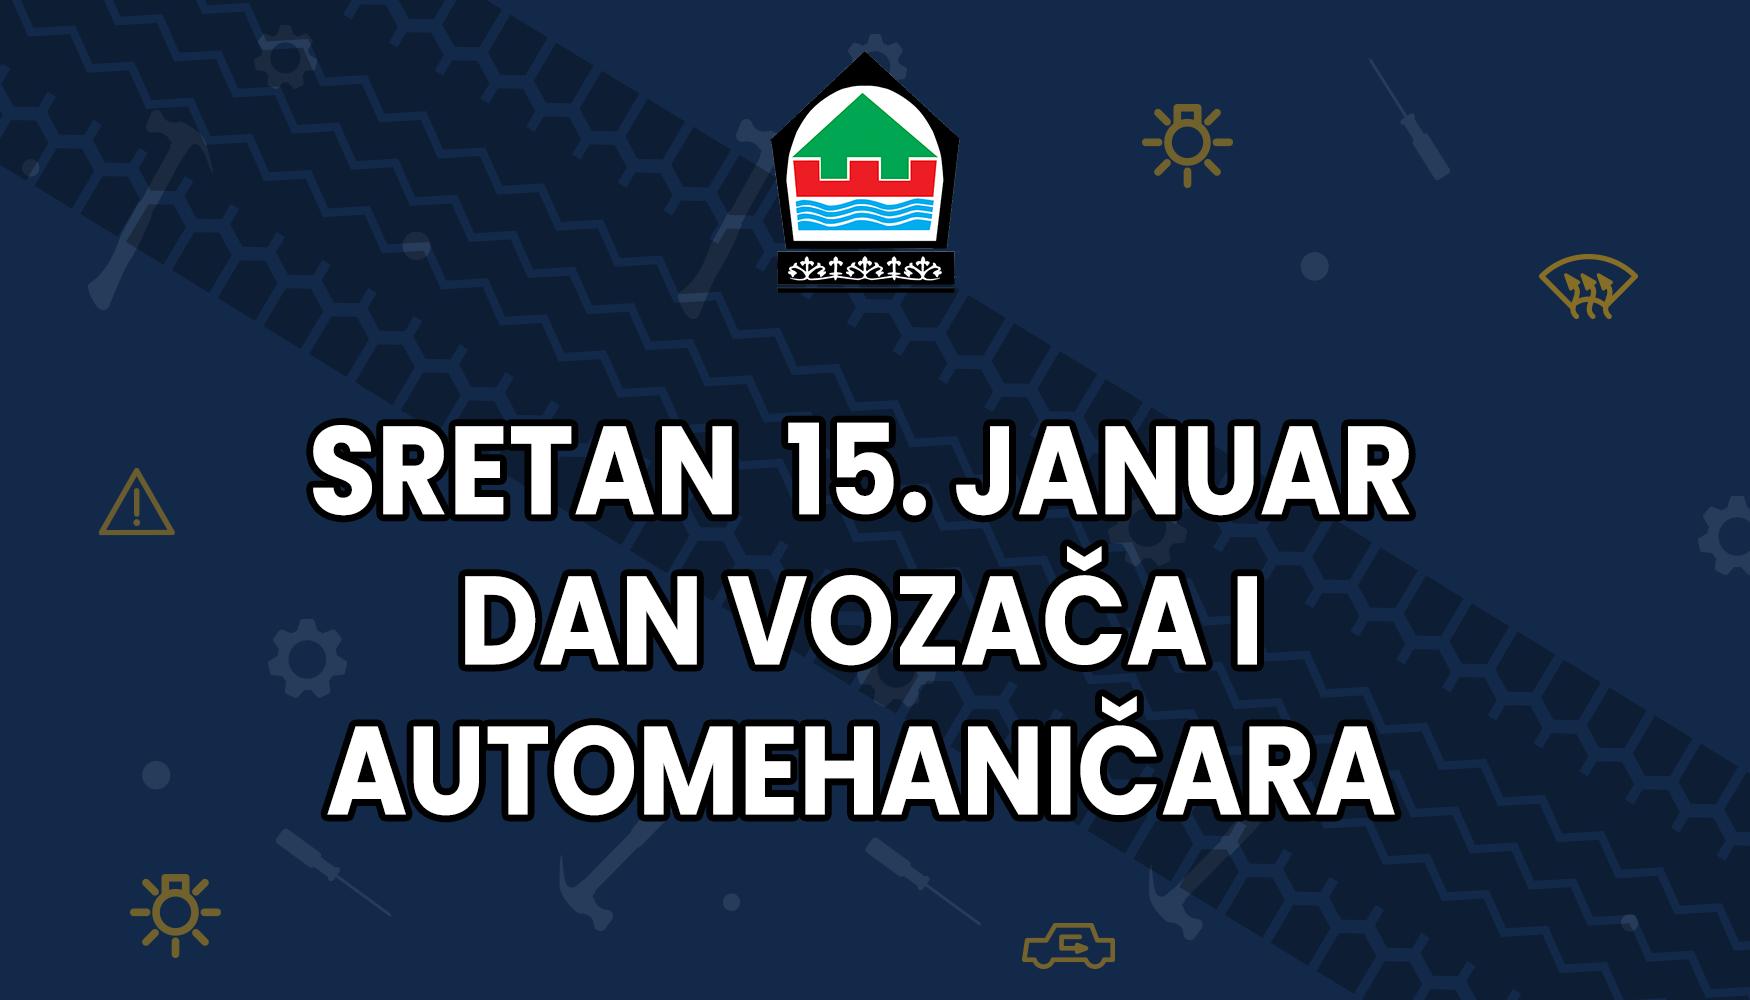 Čestitka načelnika Bajtarevića povodom 15. januara – Dana vozača i automehaničara